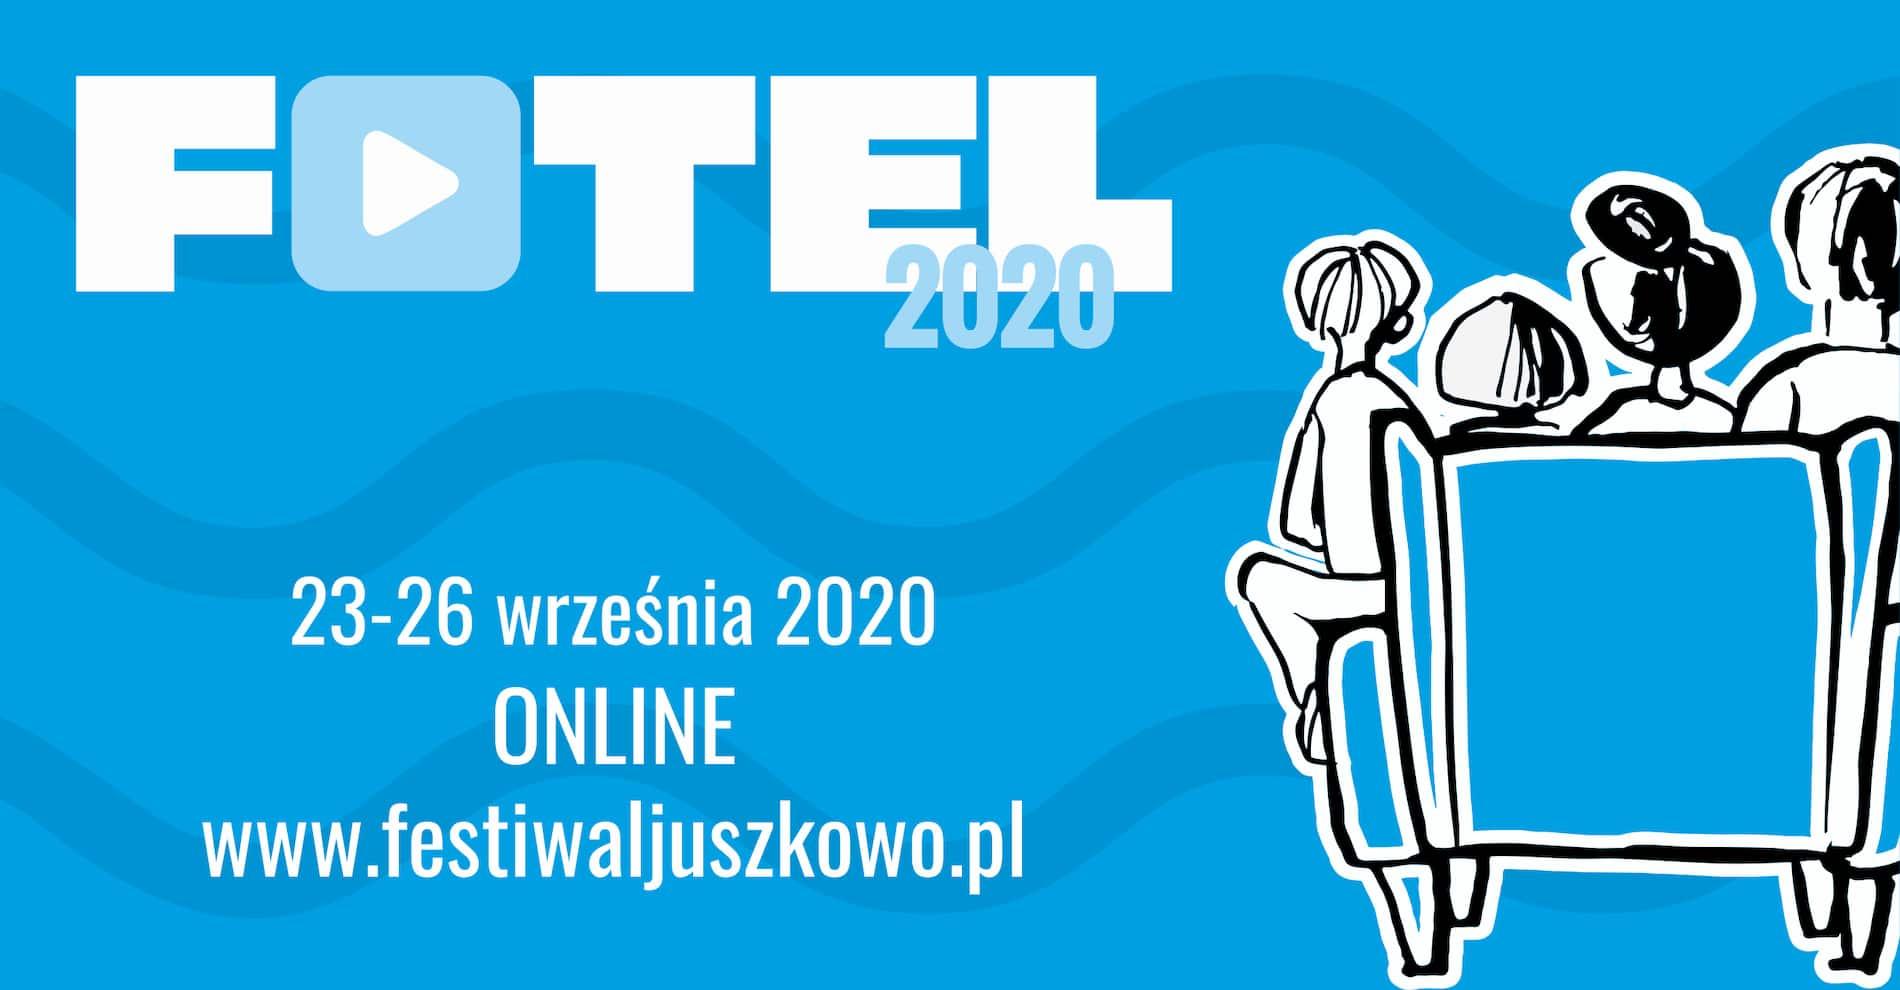 Festiwal Teatrów Lalkowych dla dzieci. Darmowe spektakle online wystartowały ! :). Dzisiaj ostatni dzień festiwalu.